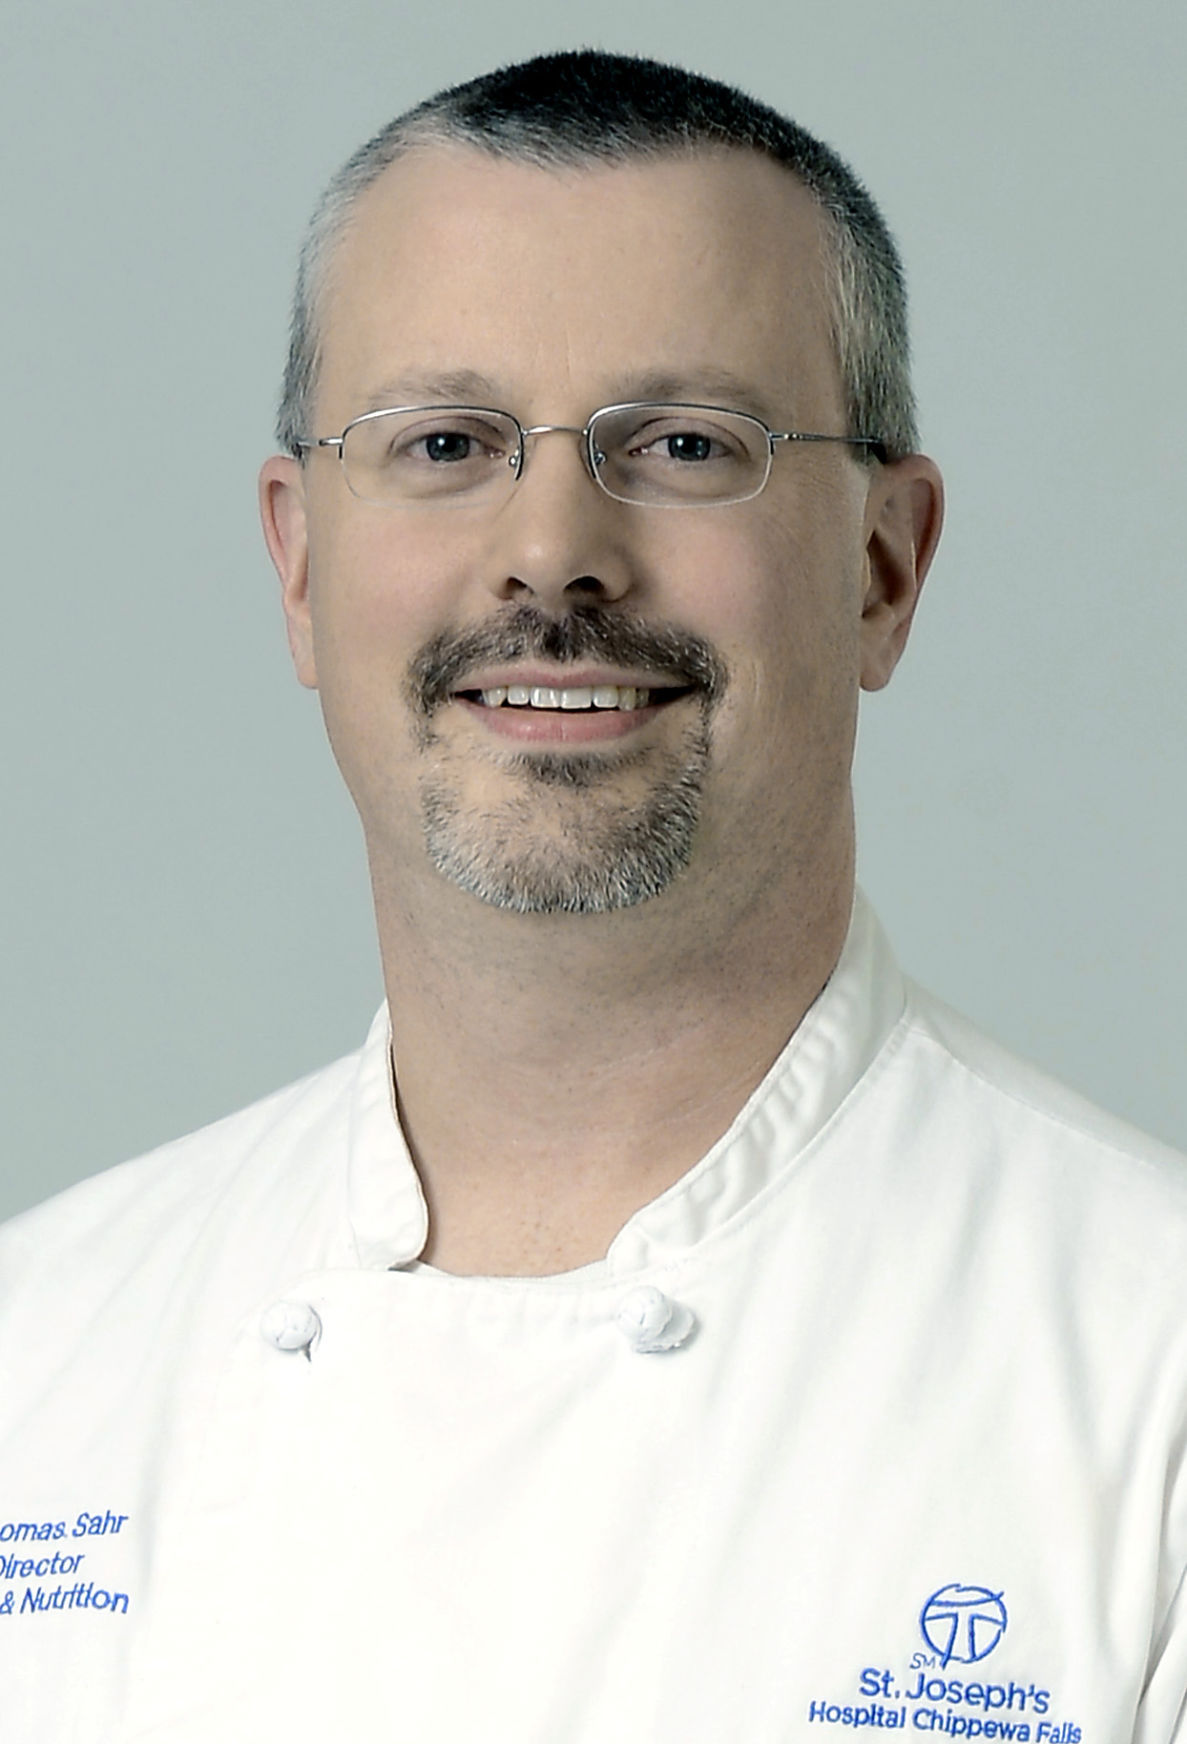 Thomas Sahr headshot